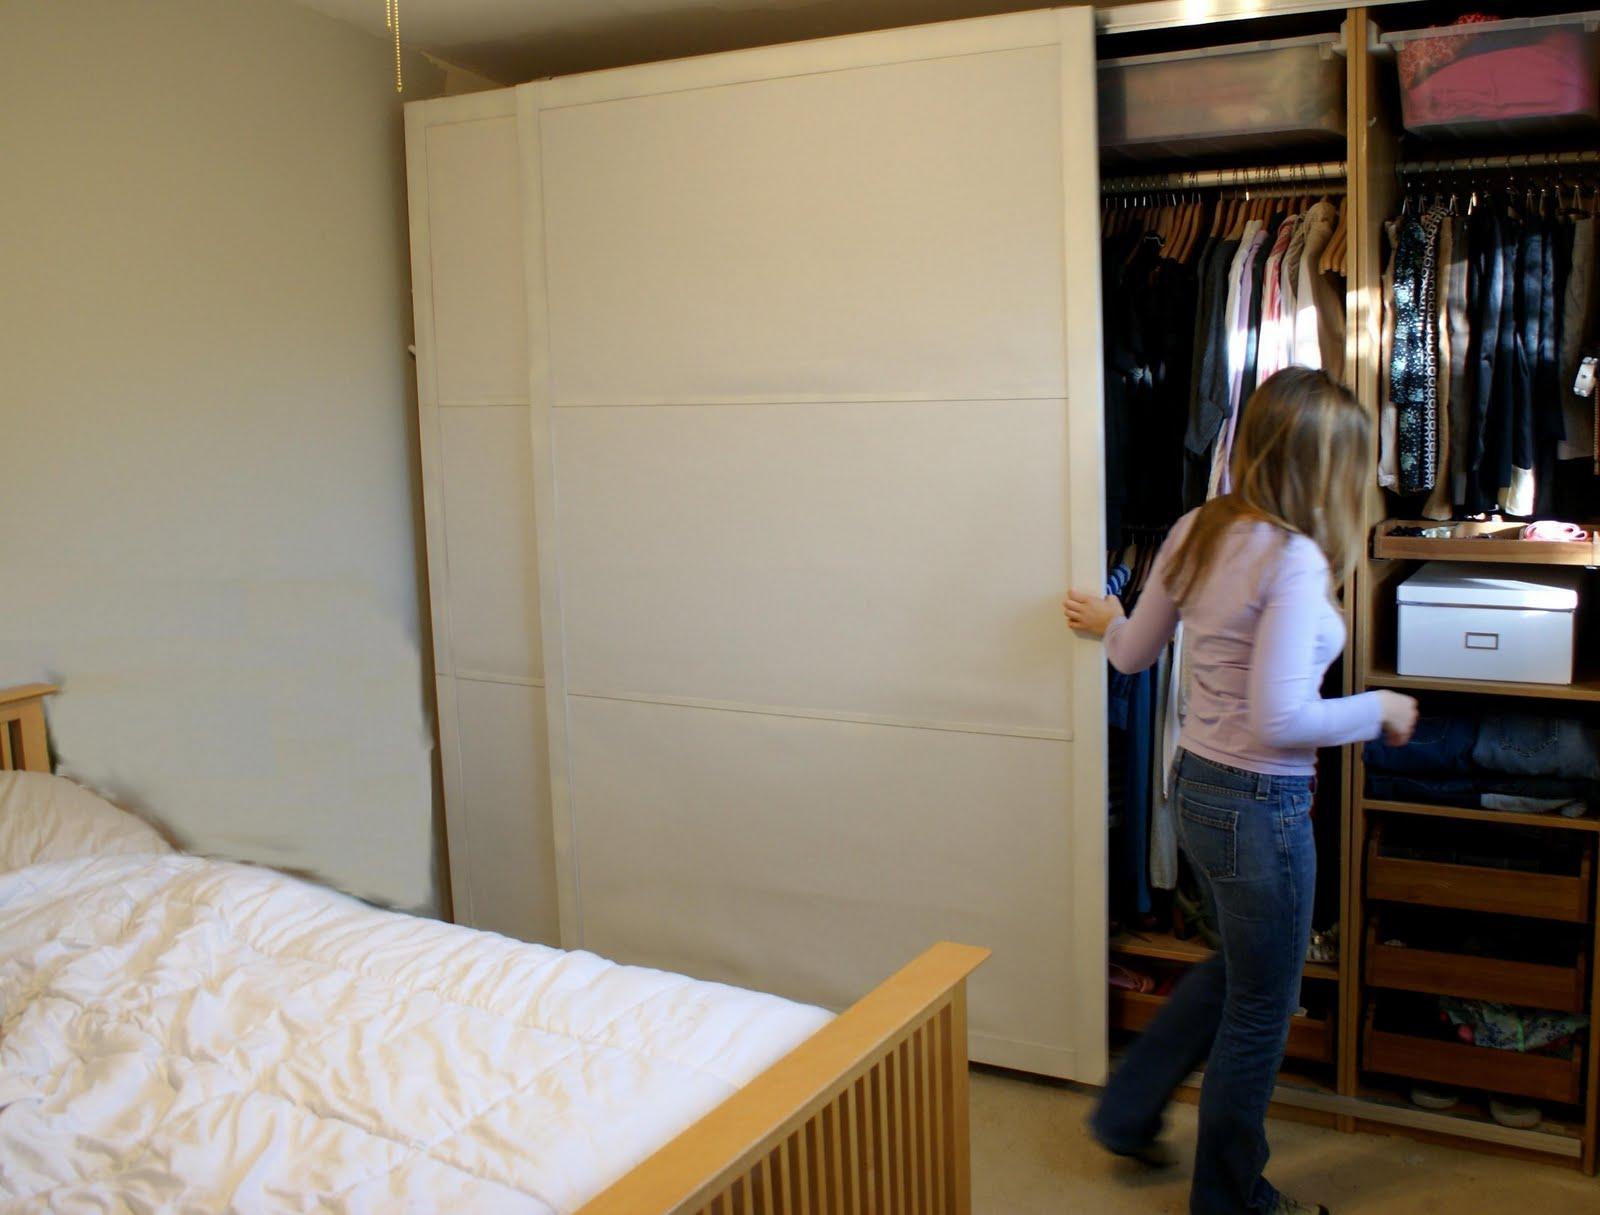 http://4.bp.blogspot.com/_XGRz6uWGK3I/TQ23QwQ97AI/AAAAAAAALZo/2Jmzw-DQY-Q/s1600/closet2-714953.JPG